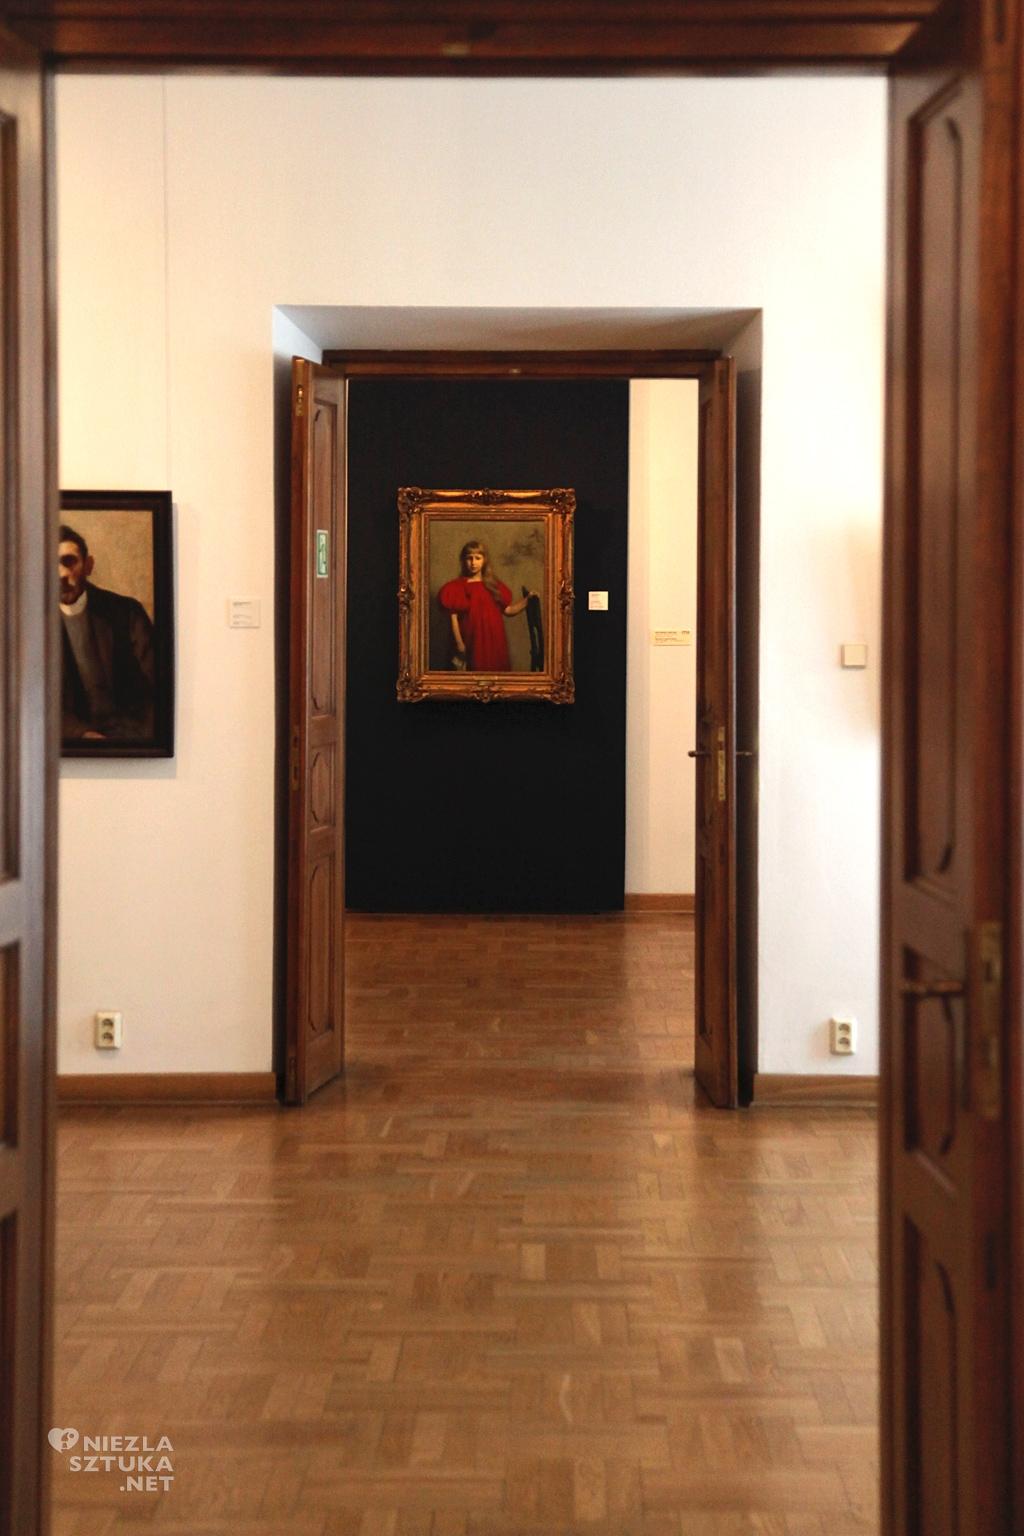 Józef Pankiewicz, Portret dziewczynki w czerwonej sukience, 1897, Muzeum Narodowe Kielce, sztuka polska, muzeum polskie, Niezła Sztuka